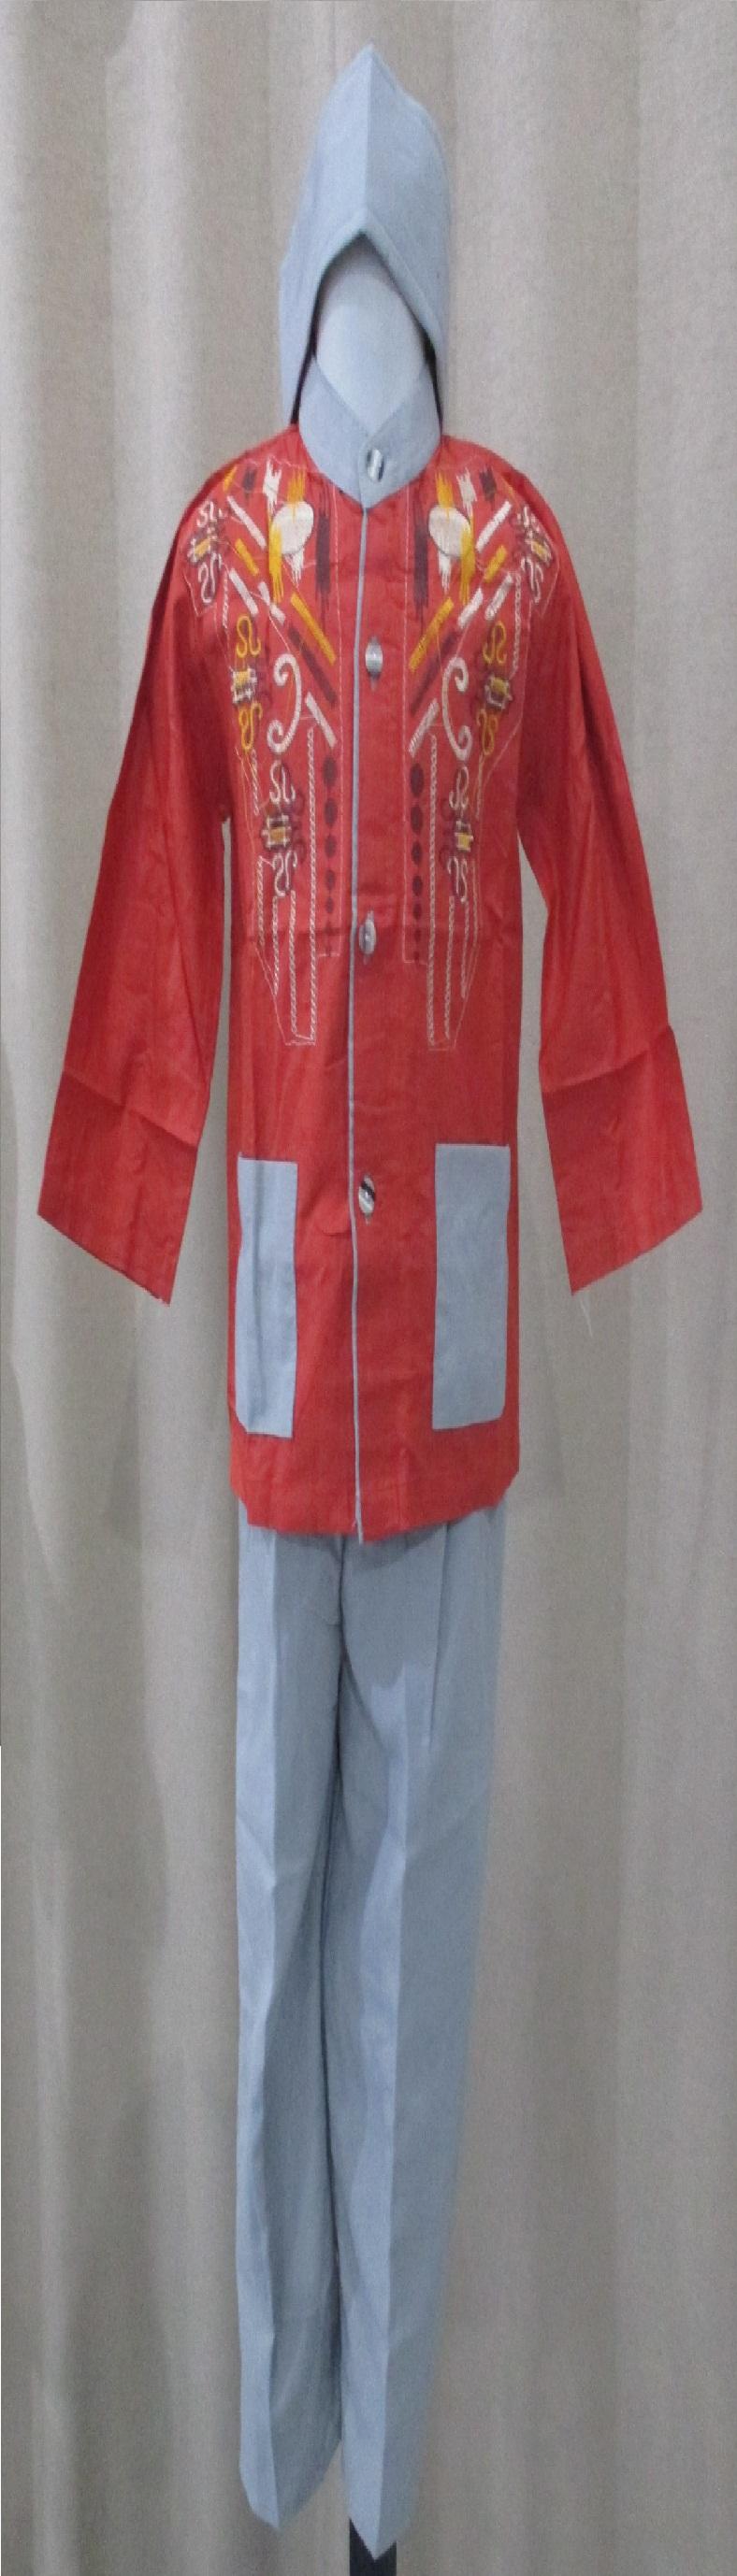 Baju Koko Zaro Murah